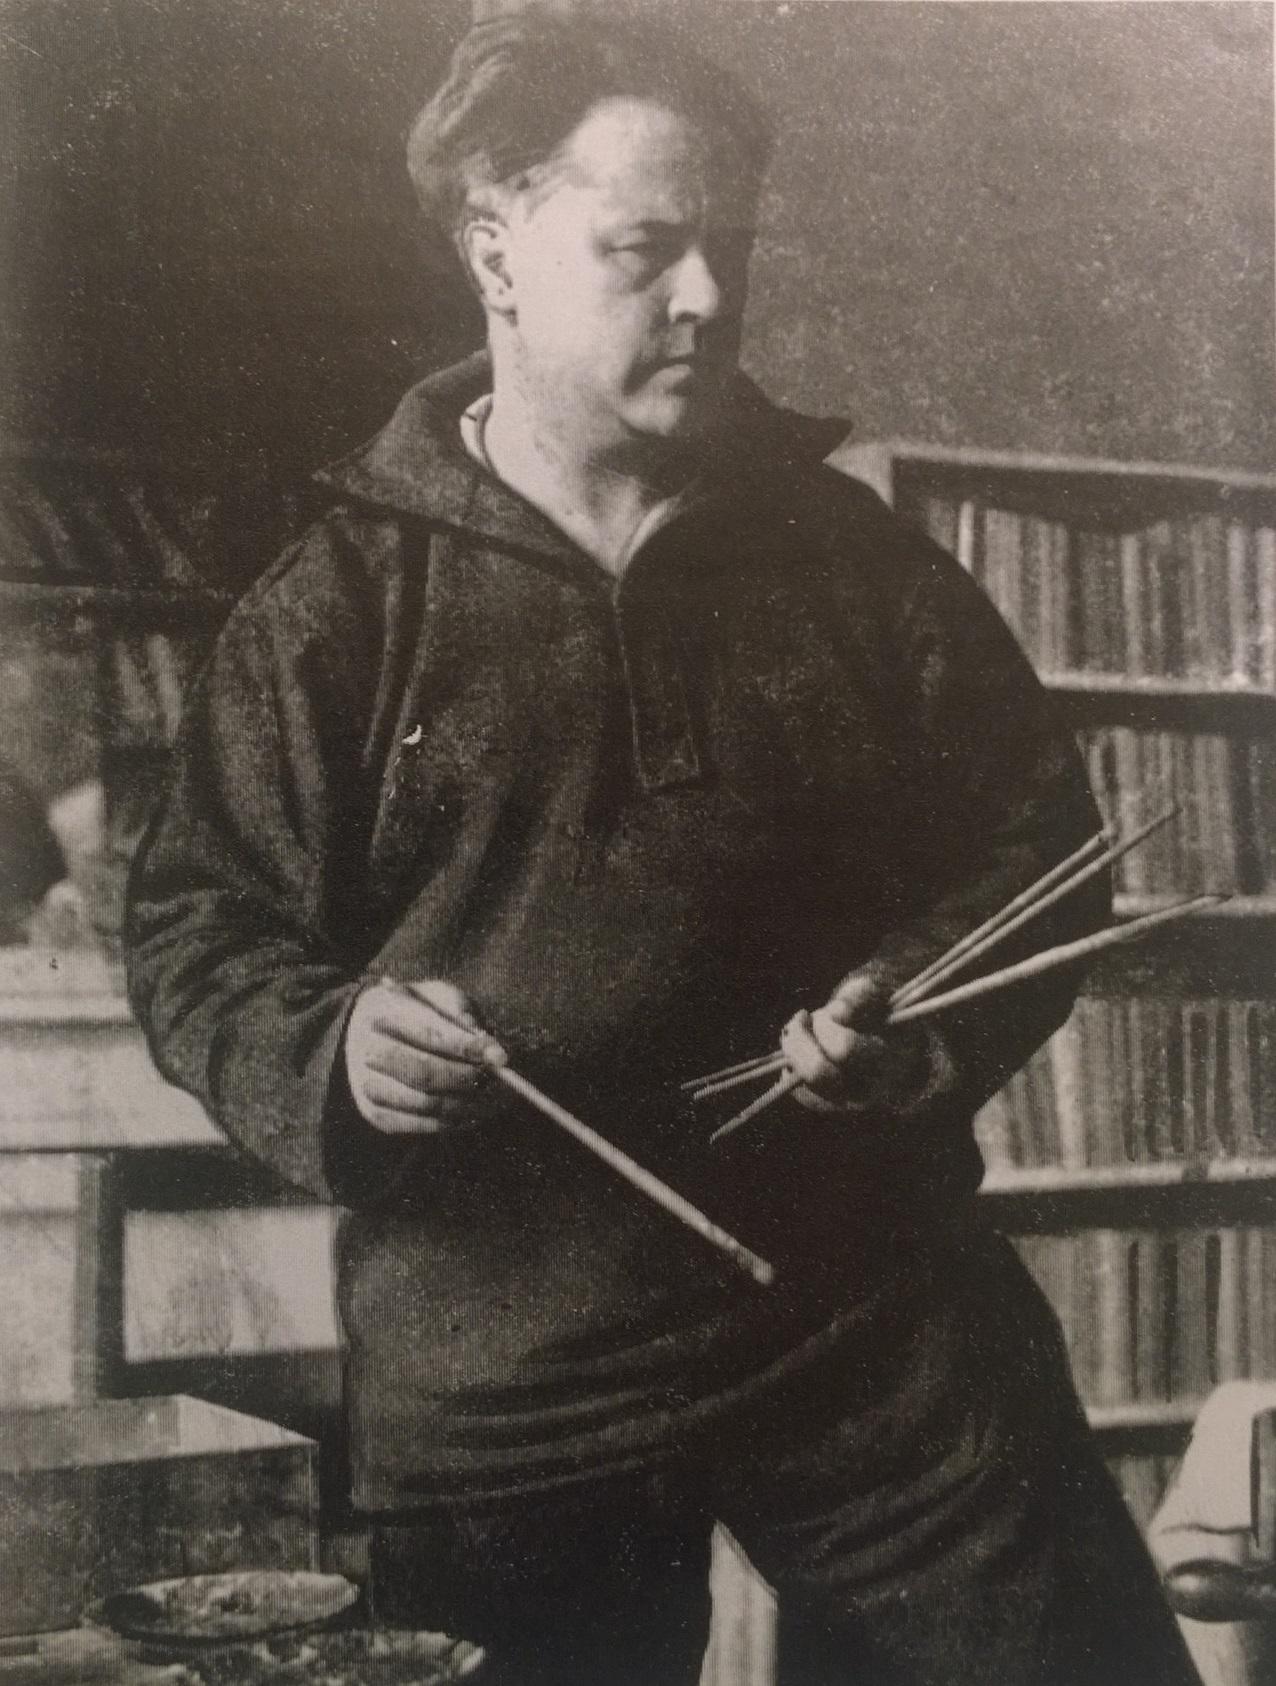 Главный редактор «Юманите» Поль Вайян-Кутюрье был талантливым художником.